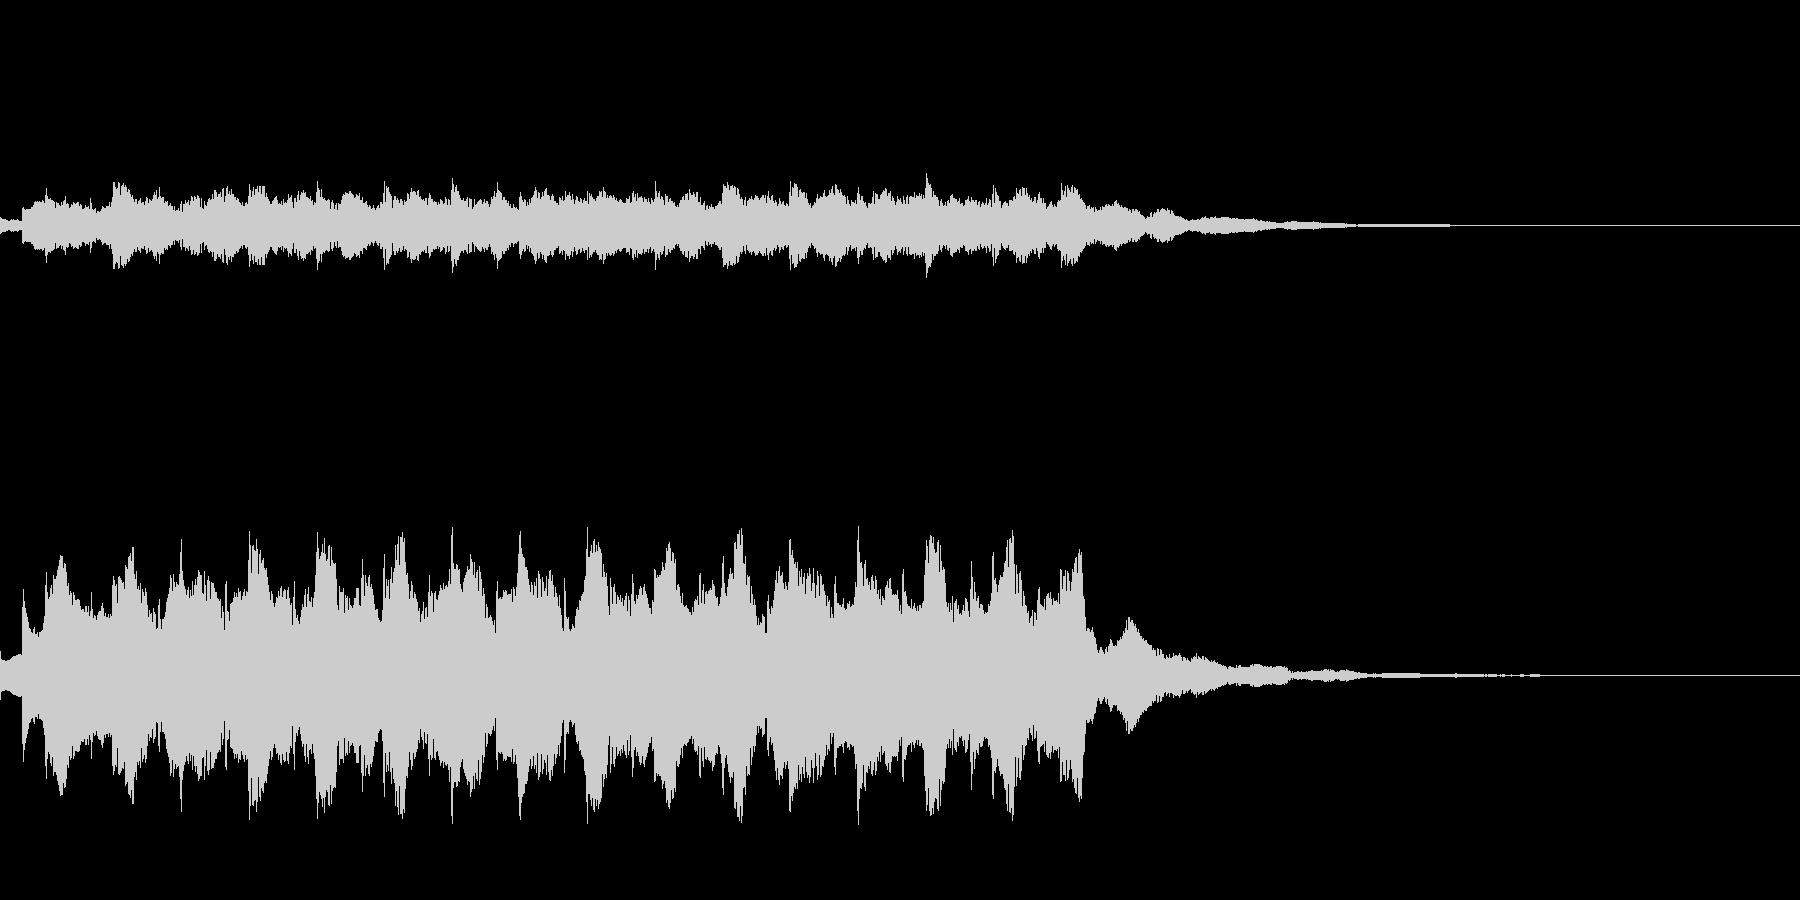 宇宙旅行に行く際の音楽の未再生の波形